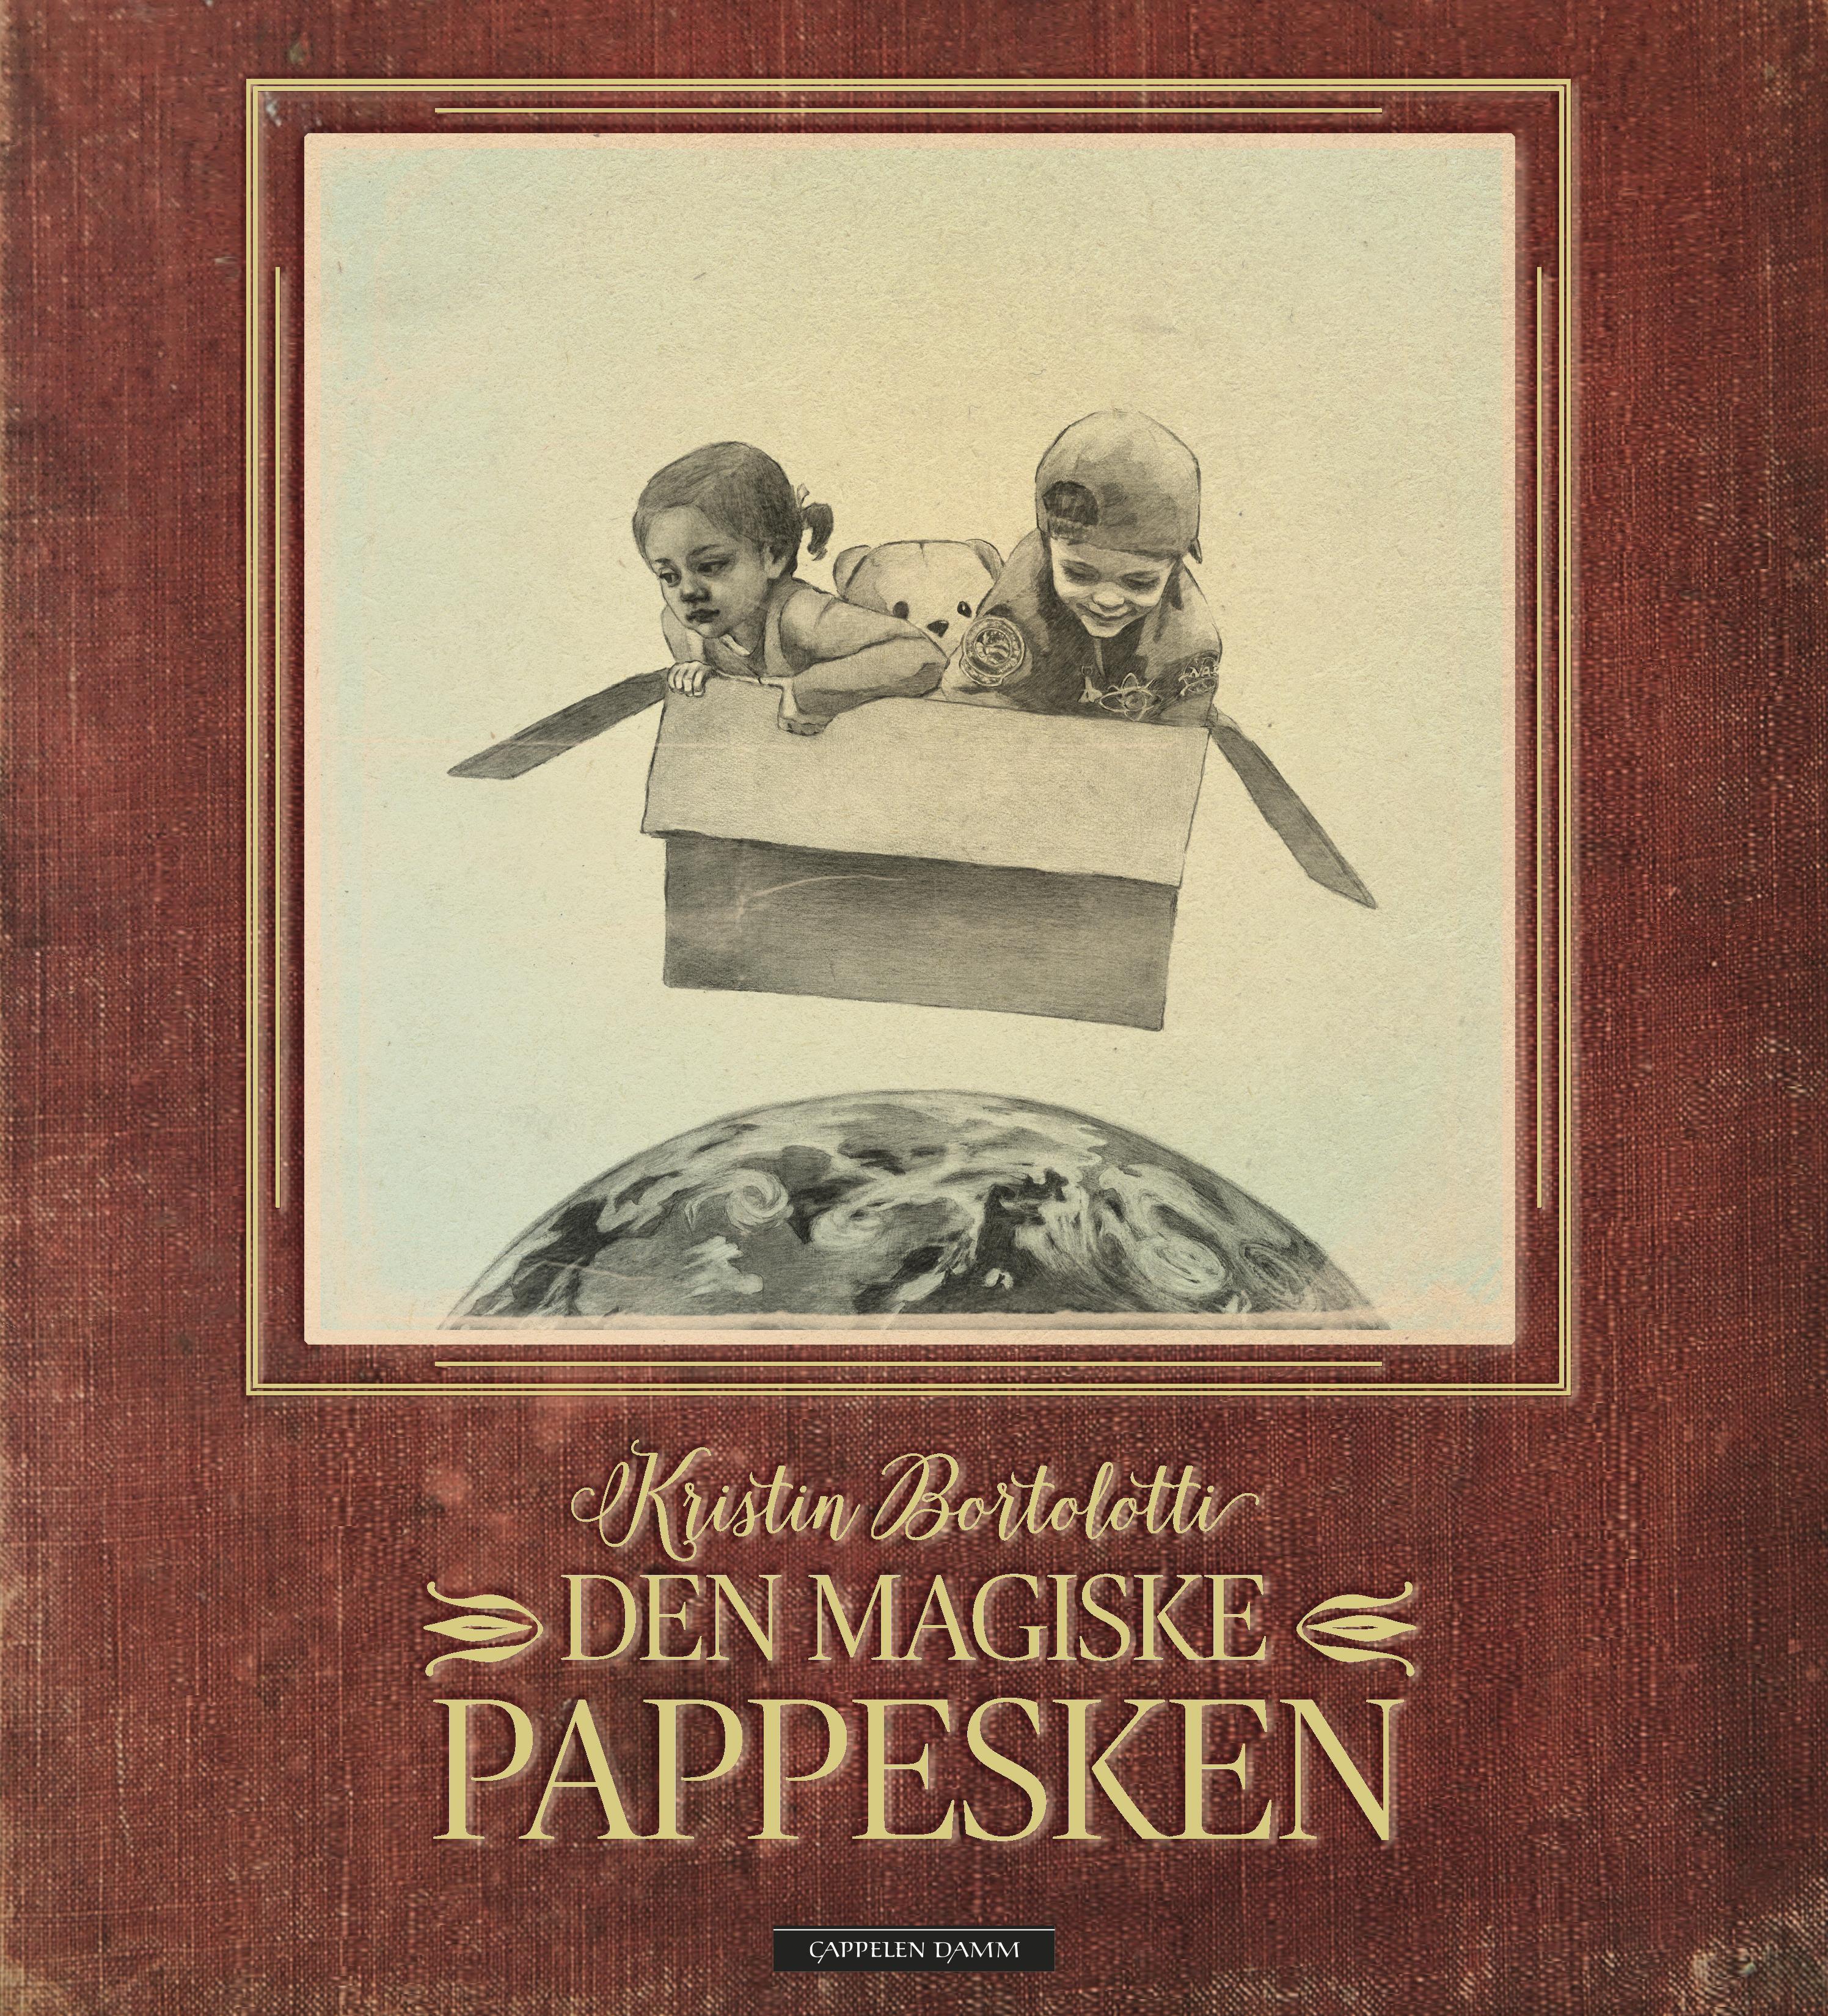 """""""Den magiske pappesken"""" av Kristin Bortolotti"""